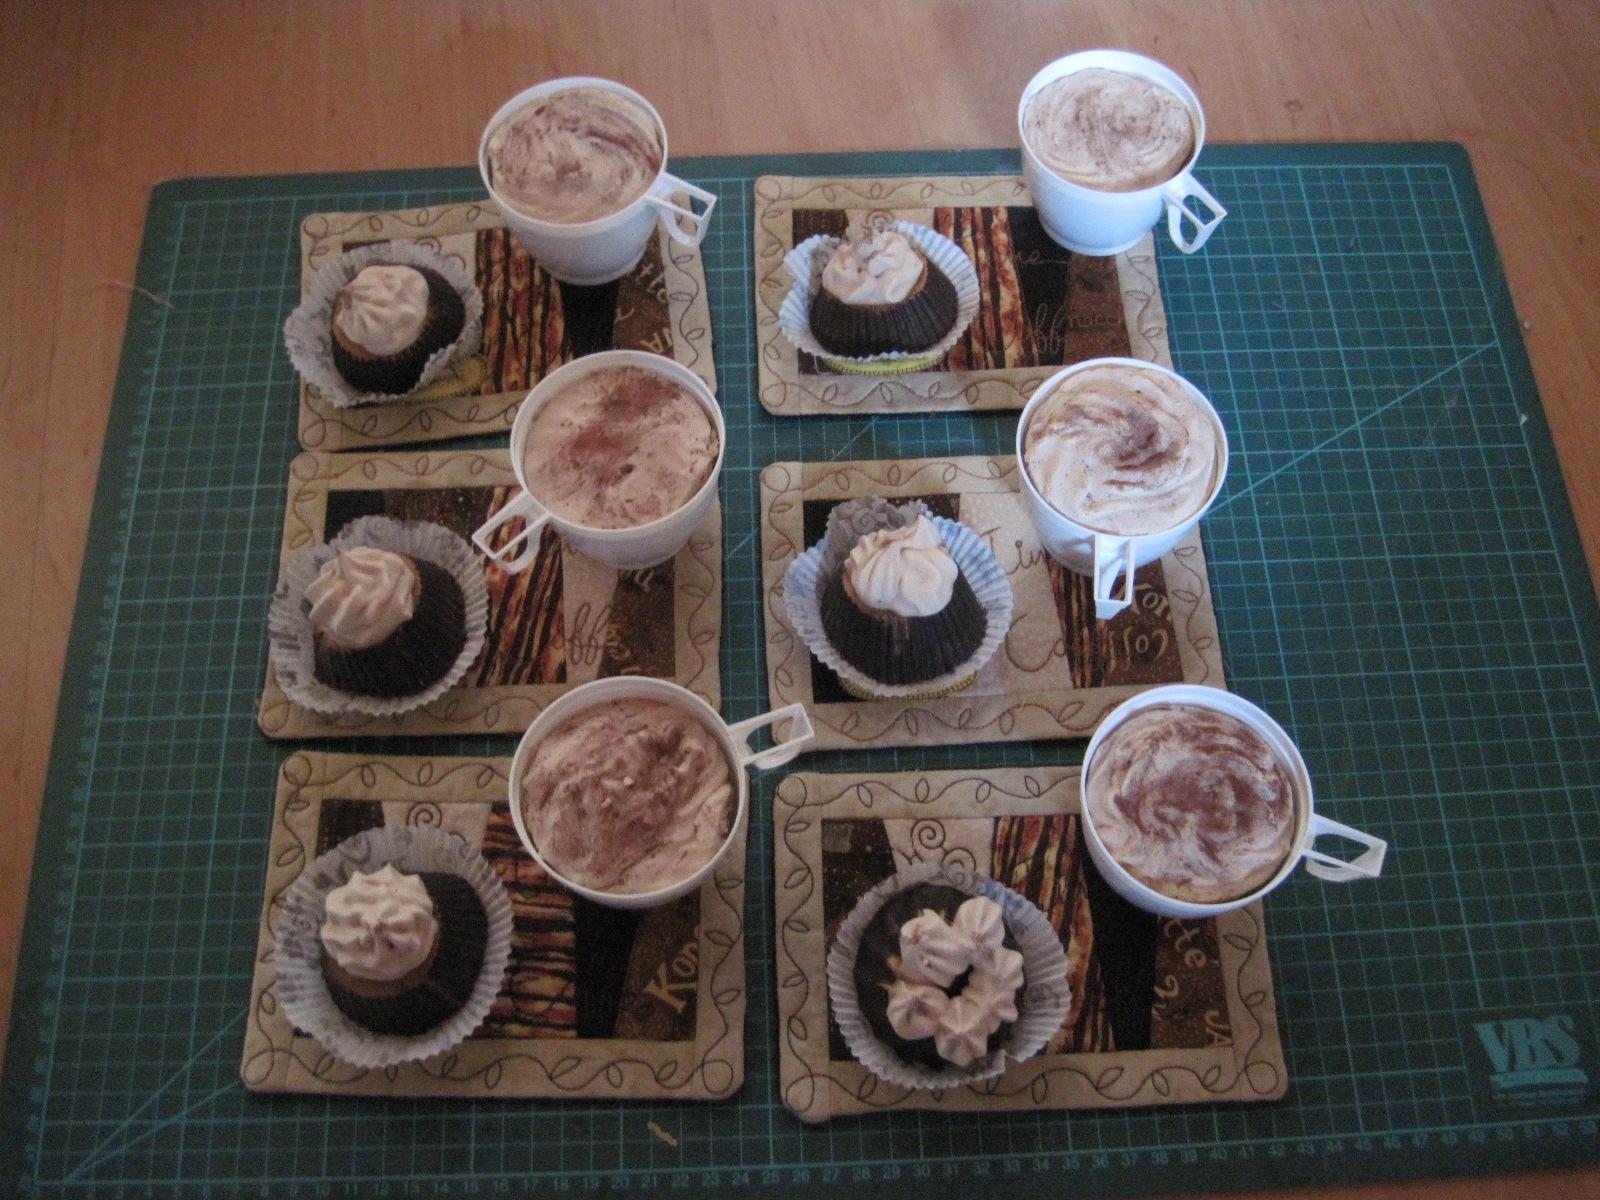 arwenskreativesdiesunddas kaffee ein getr nk viele varianten kaffee und schokolade. Black Bedroom Furniture Sets. Home Design Ideas